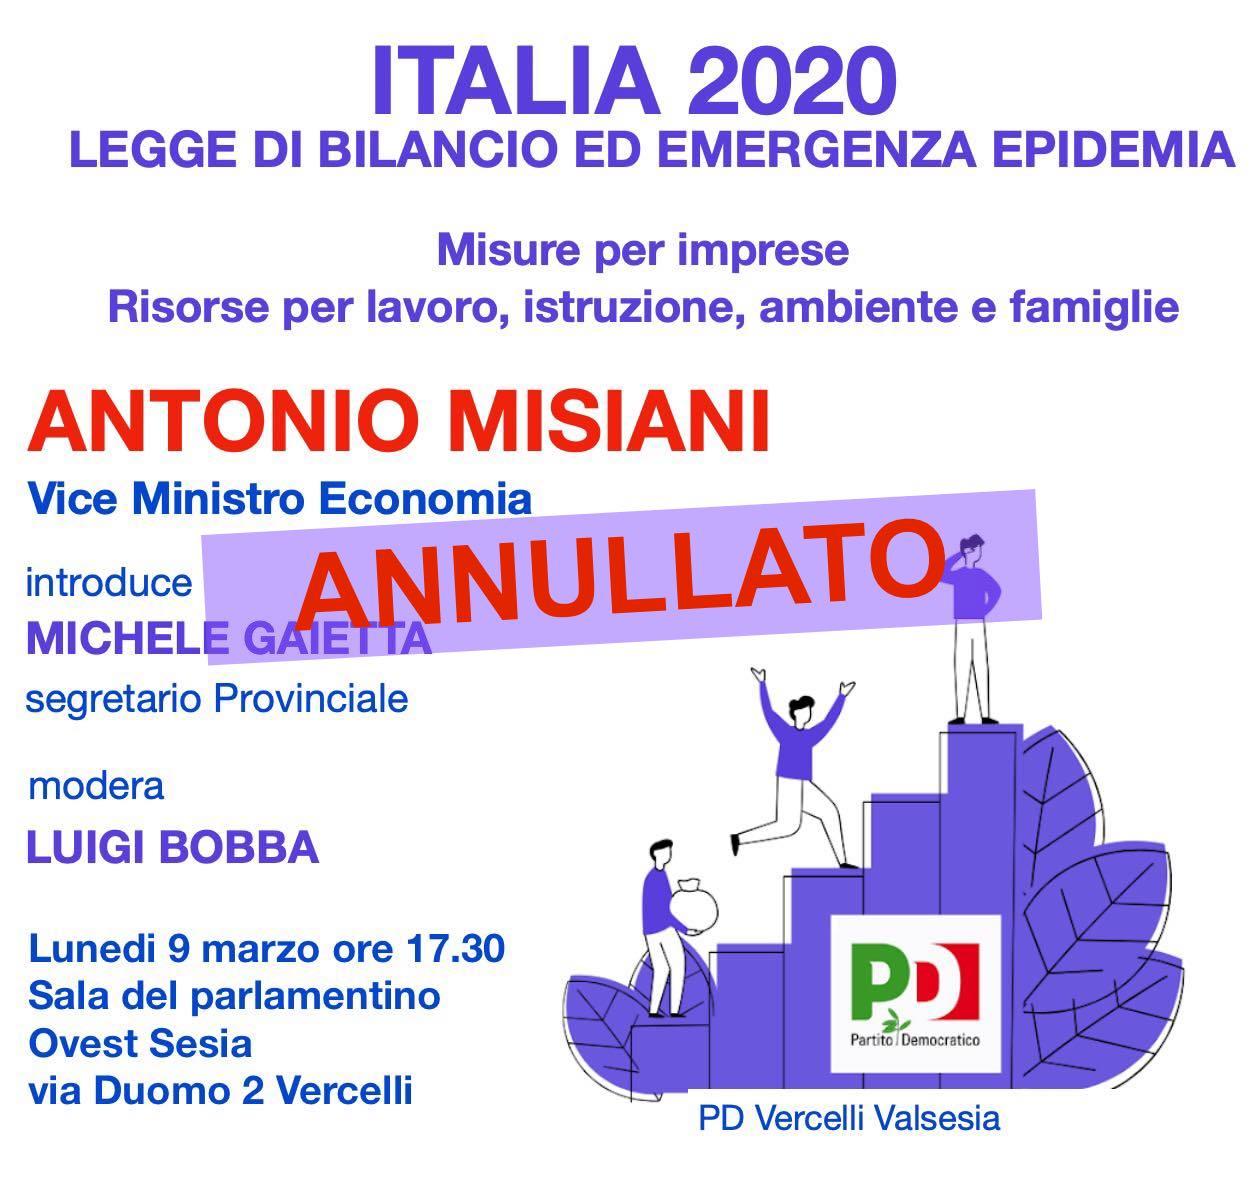 Rinviato a data da destinarsi l'incontro con il vice Ministro dell'Economia Antonio MISIANI